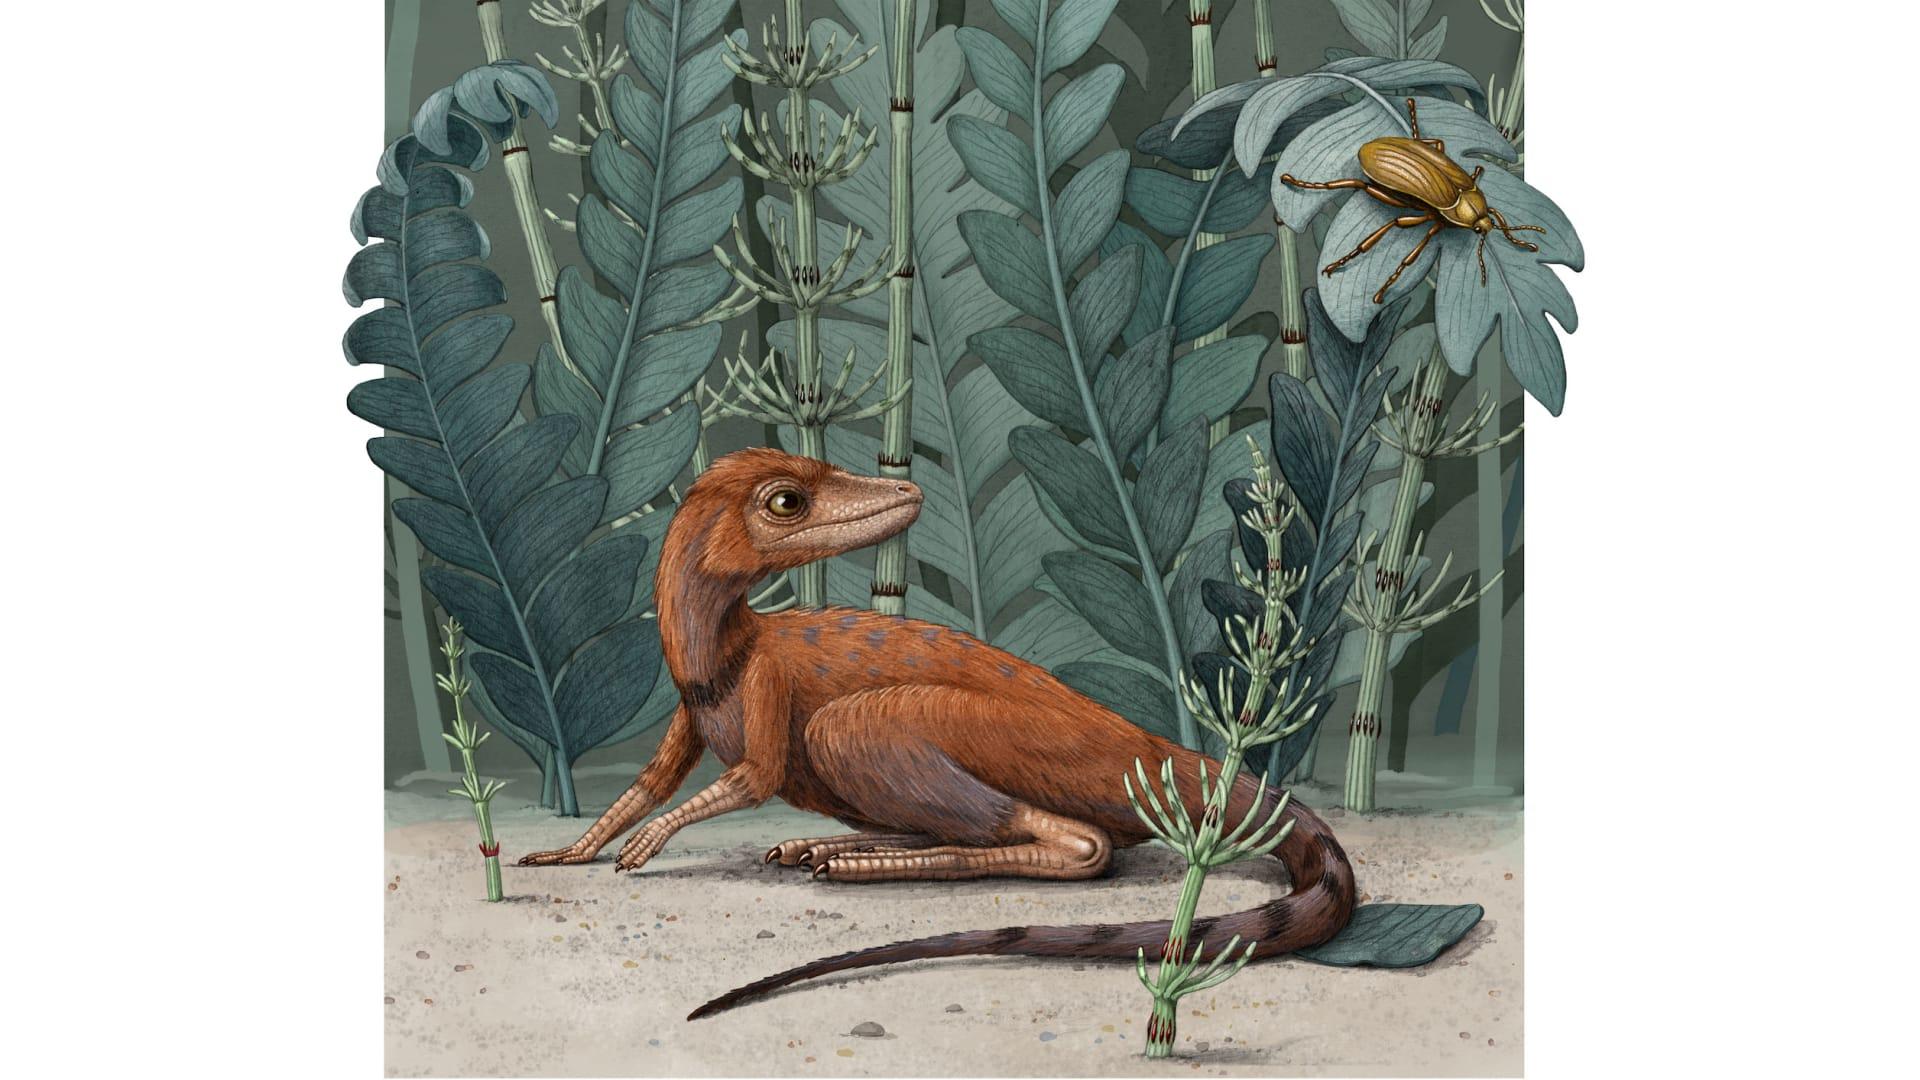 يعادل هاتفا محمولا بحجمه.. رجل يعثر على ديناصور صغير في الصحراء الليبية